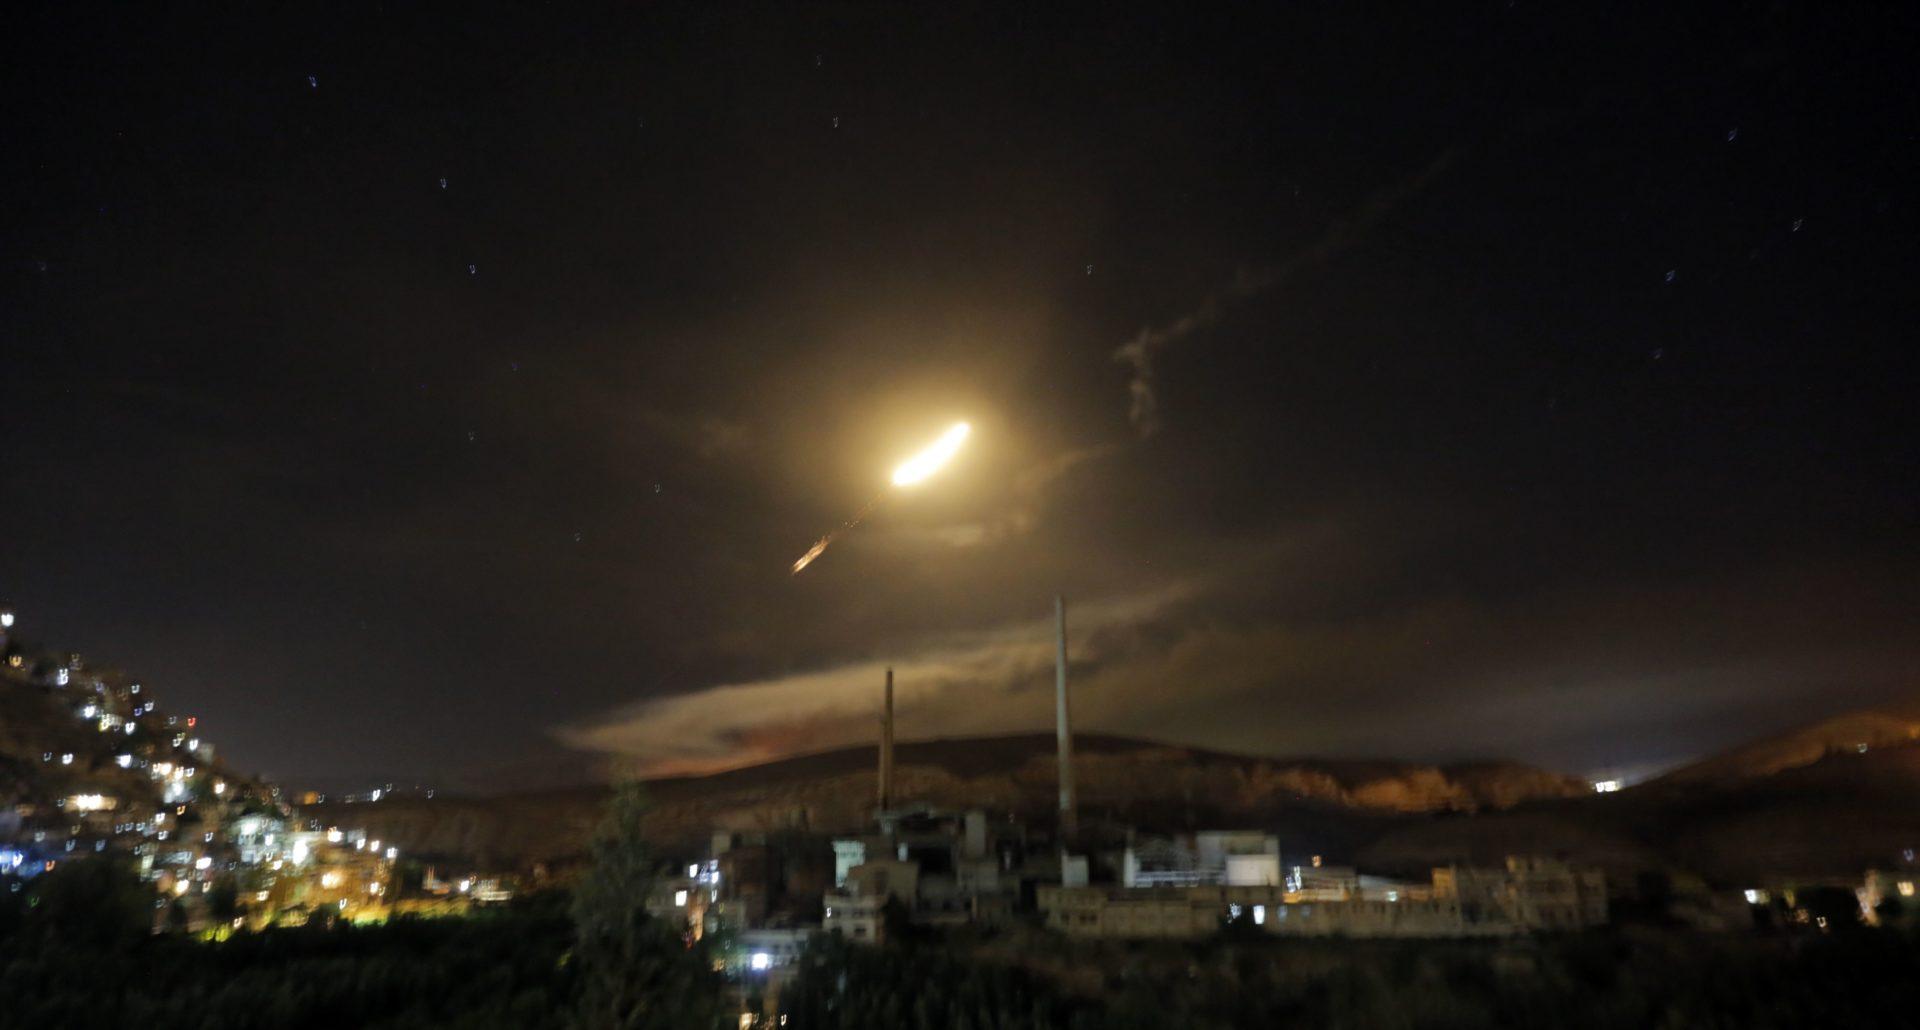 A szíriai légvédelem rakétái láthatóak Damaszkusz felett 2018. május 10-én, Szíriában. Hivatalos szíriai források szerint a légvédelem az izraeli hadsereg által indított légitámadásra reagált. EPA/YOUSSEF BADAWI